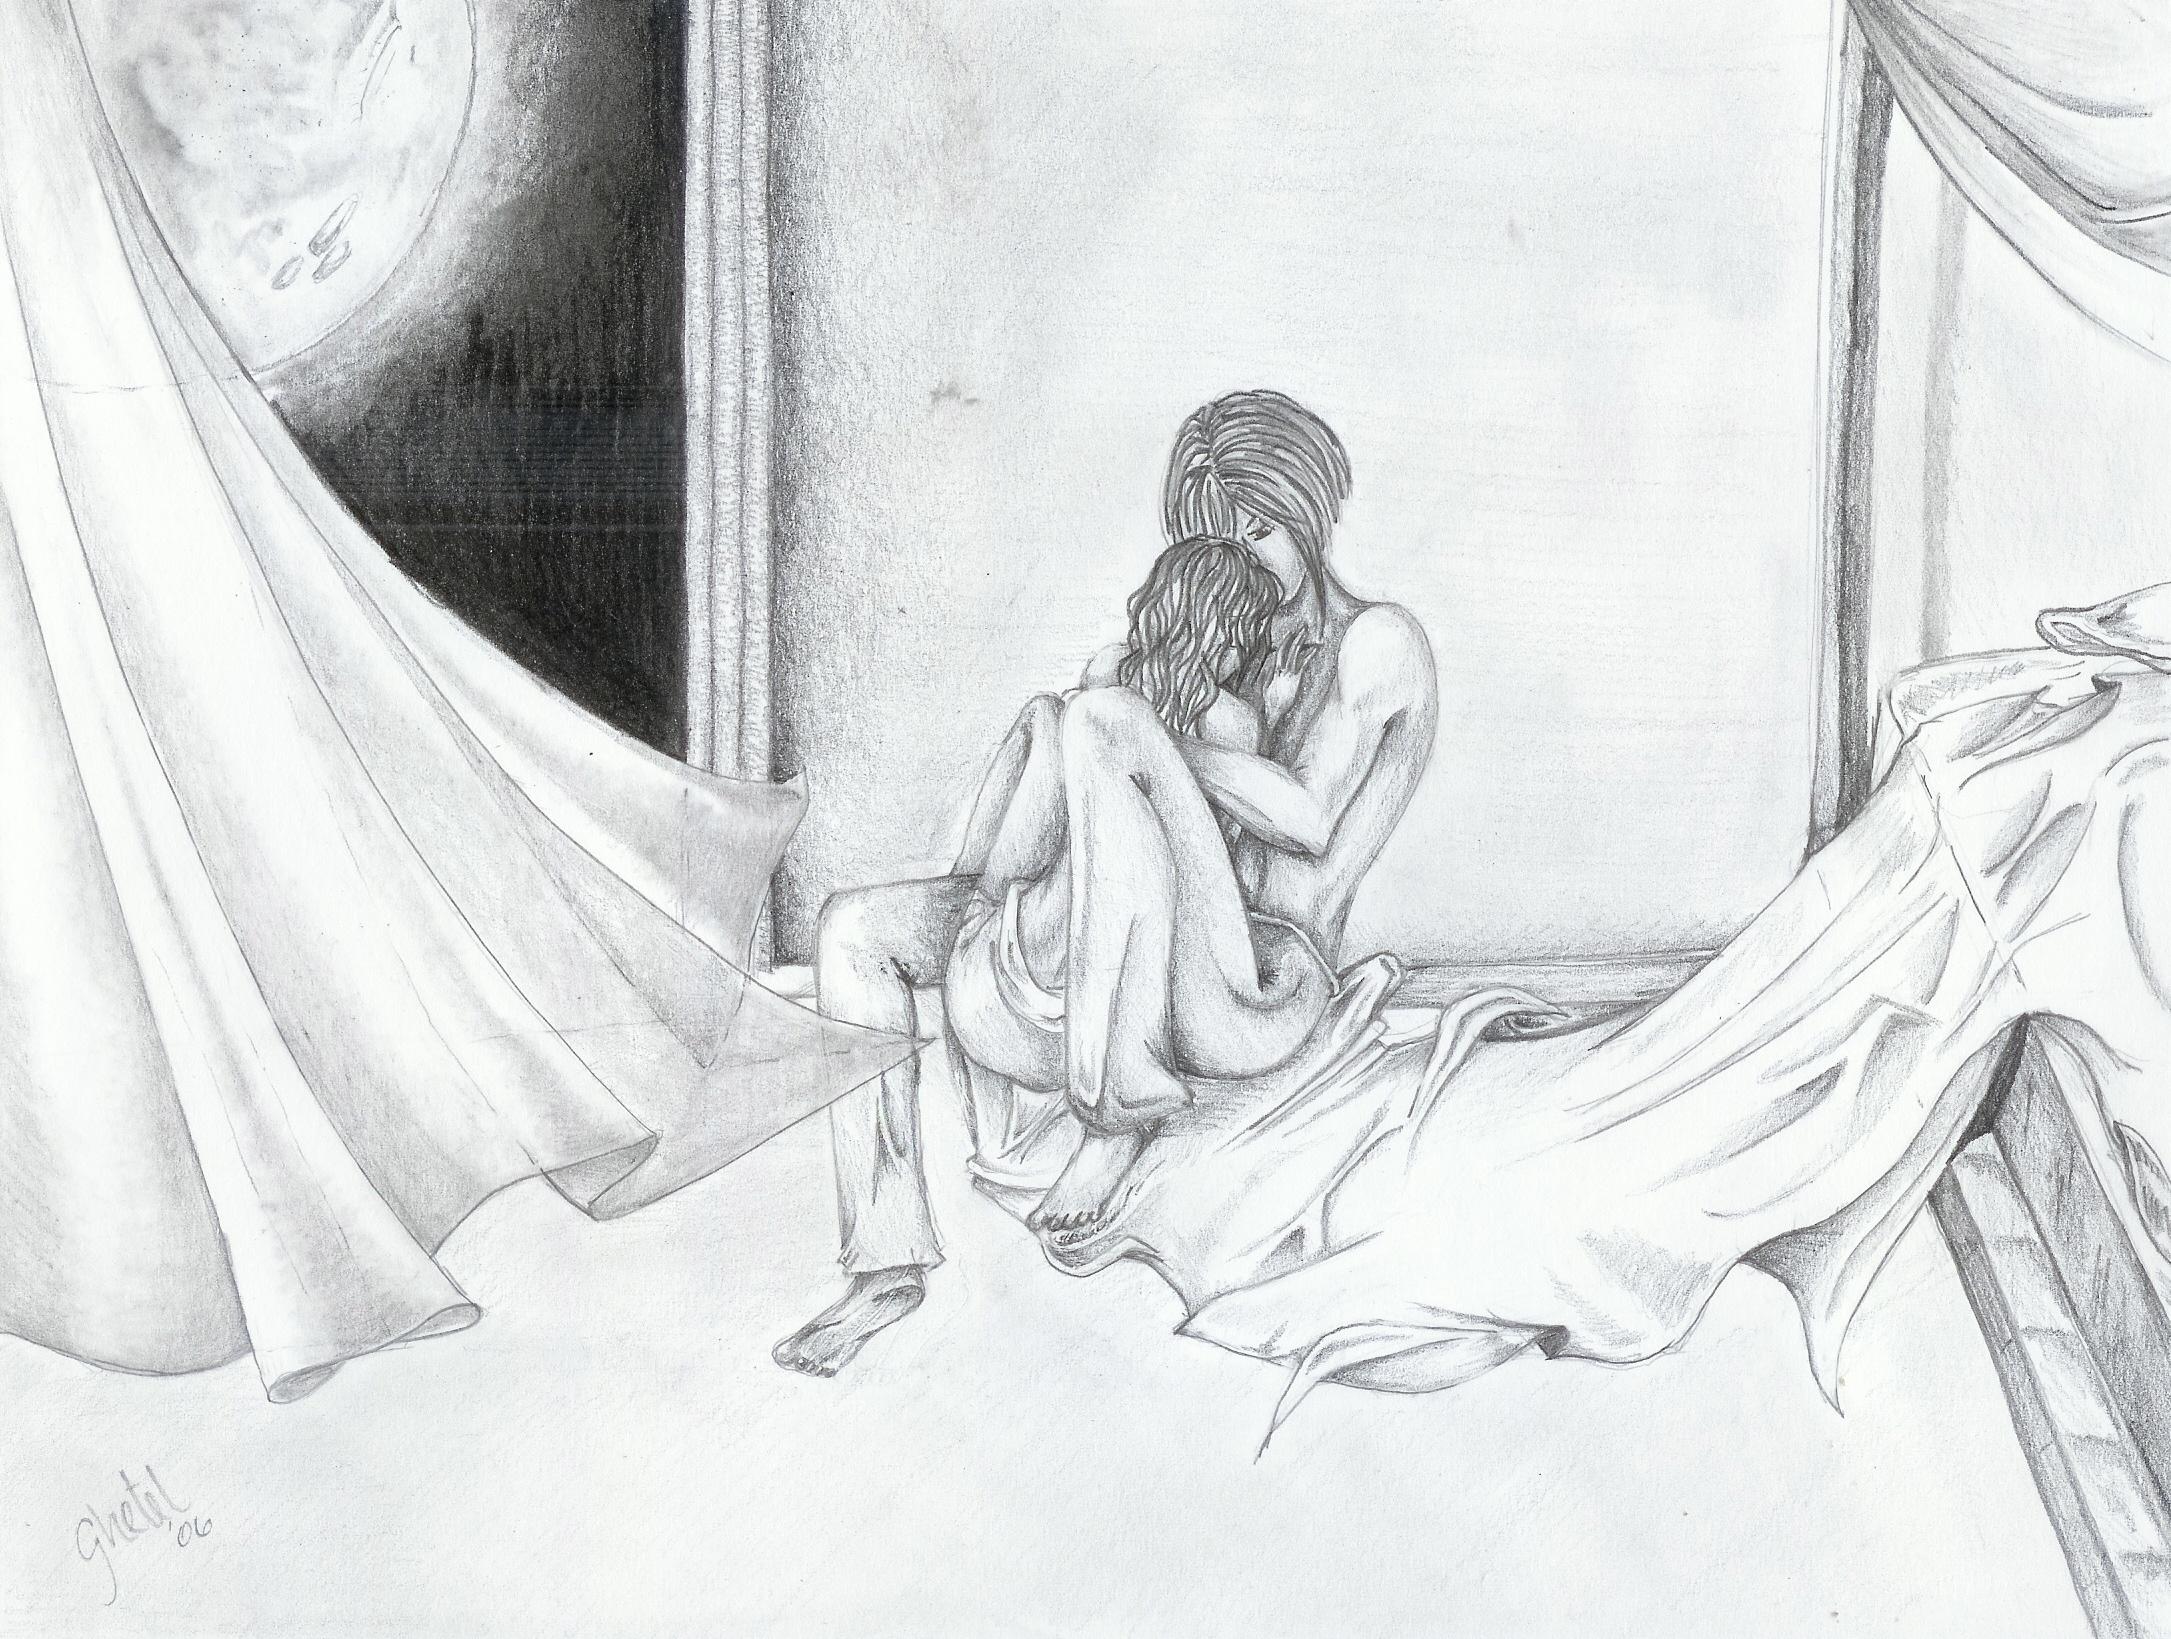 2171x1639 Hugging In Bed Drawings Two People In Love Hugging Drawings 21